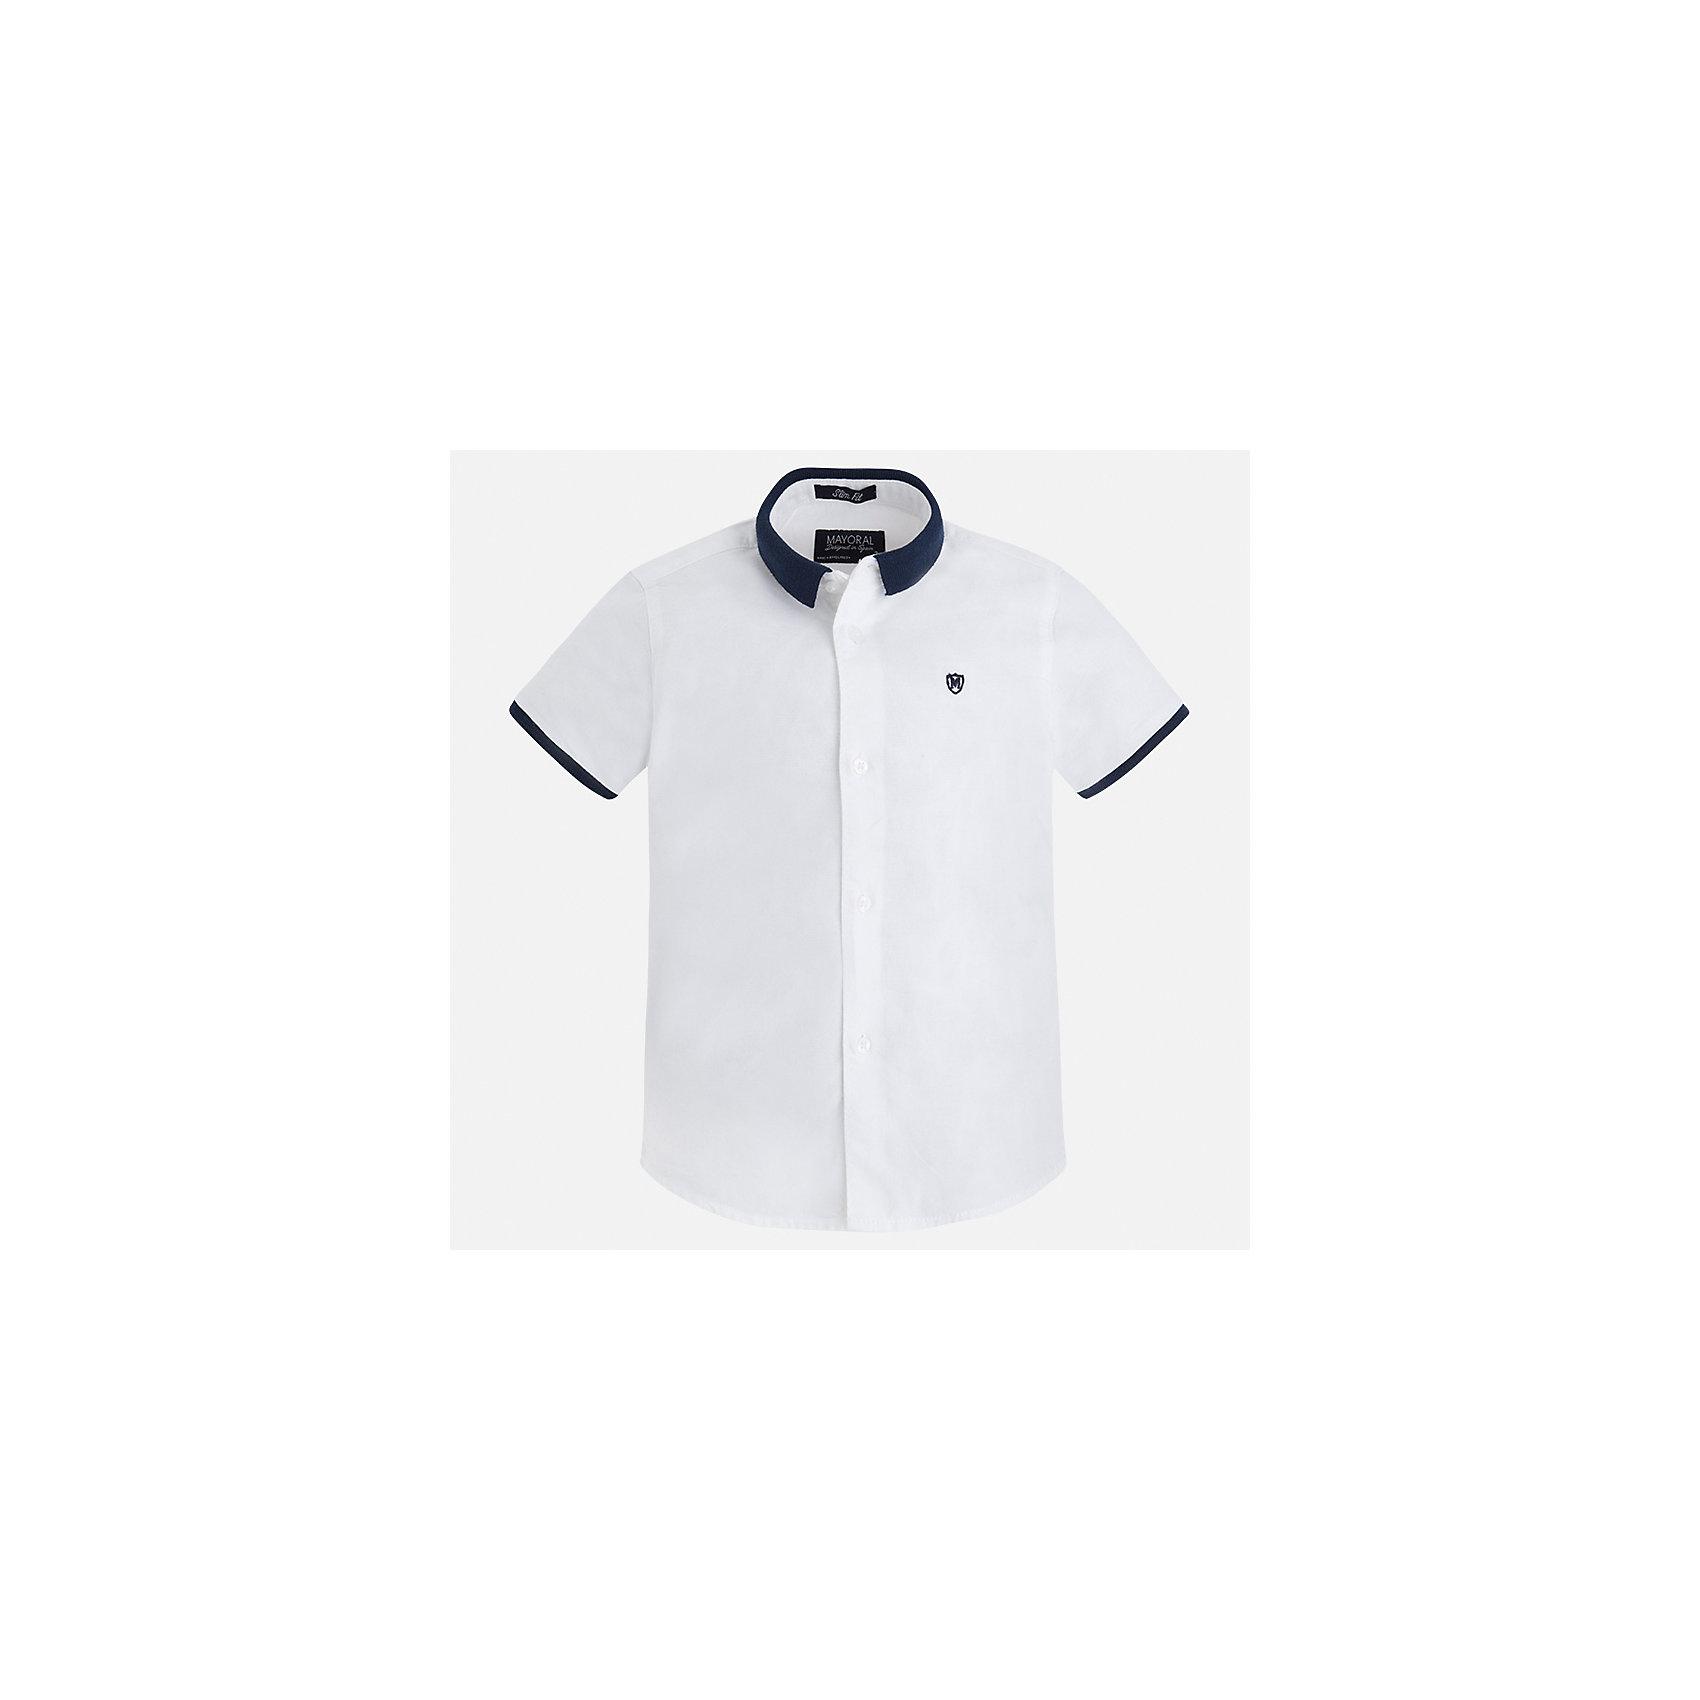 Рубашка для мальчика MayoralХарактеристики товара:<br><br>• цвет: белый<br>• состав: 100% хлопок<br>• отложной воротник<br>• короткие рукава<br>• застежка: пуговицы<br>• вышивка на груди<br>• страна бренда: Испания<br><br>Стильная рубашка для мальчика может стать базовой вещью в гардеробе ребенка. Она отлично сочетается с брюками, шортами, джинсами и т.д. Универсальный крой и цвет позволяет подобрать к вещи низ разных расцветок. Практичное и стильное изделие! В составе материала - только натуральный хлопок, гипоаллергенный, приятный на ощупь, дышащий.<br><br>Одежда, обувь и аксессуары от испанского бренда Mayoral полюбились детям и взрослым по всему миру. Модели этой марки - стильные и удобные. Для их производства используются только безопасные, качественные материалы и фурнитура. Порадуйте ребенка модными и красивыми вещами от Mayoral! <br><br>Рубашку для мальчика от испанского бренда Mayoral (Майорал) можно купить в нашем интернет-магазине.<br><br>Ширина мм: 174<br>Глубина мм: 10<br>Высота мм: 169<br>Вес г: 157<br>Цвет: белый<br>Возраст от месяцев: 18<br>Возраст до месяцев: 24<br>Пол: Мужской<br>Возраст: Детский<br>Размер: 92,122,134,128,116,110,104,98<br>SKU: 5272270